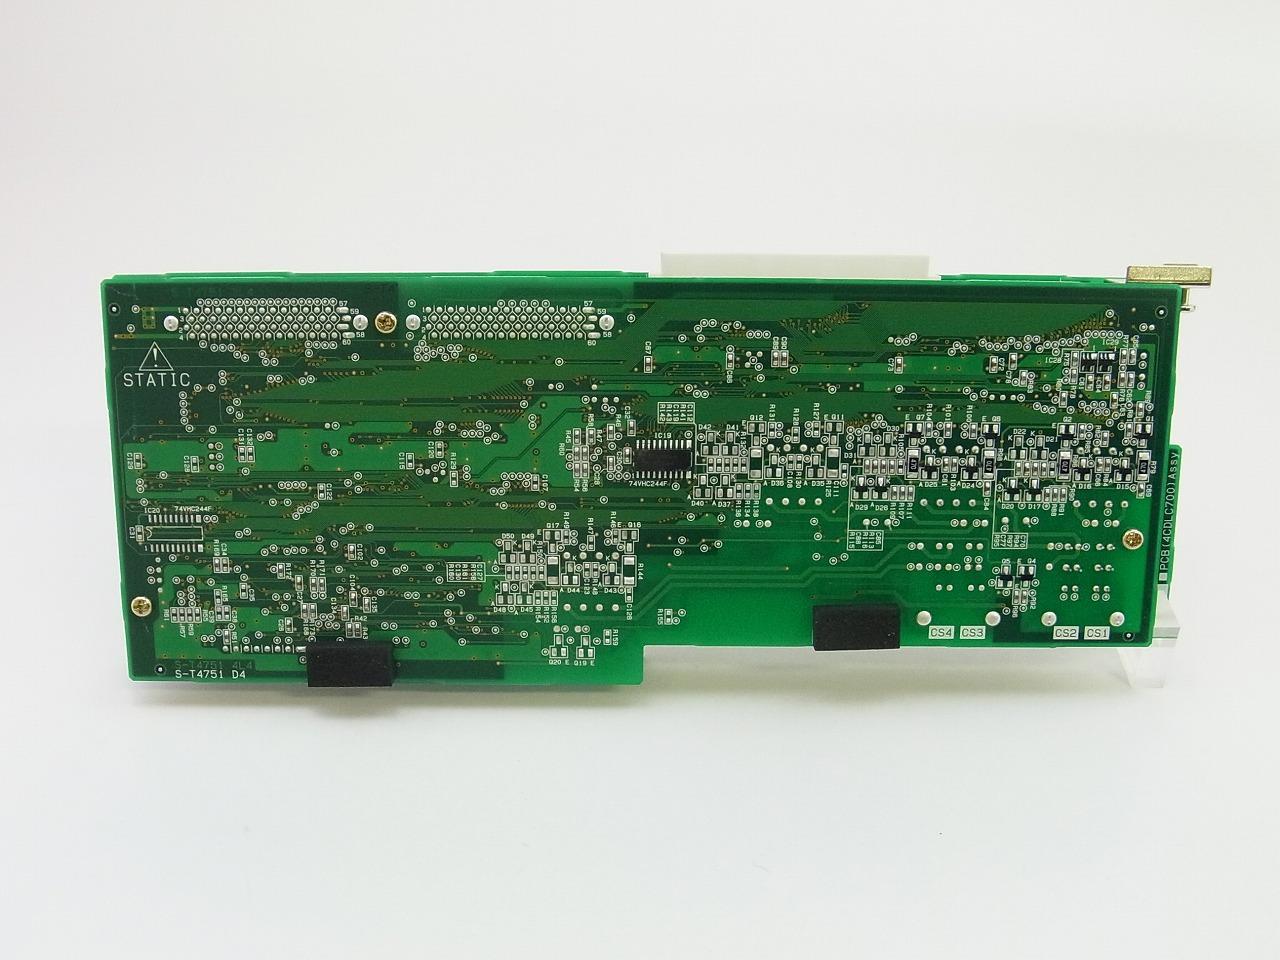 【中古】サクサビジネスホン 2CDLC700 UT700用システムコードレスアンテナユニット 【送料無料】 UT700シリーズ 業務用電話機